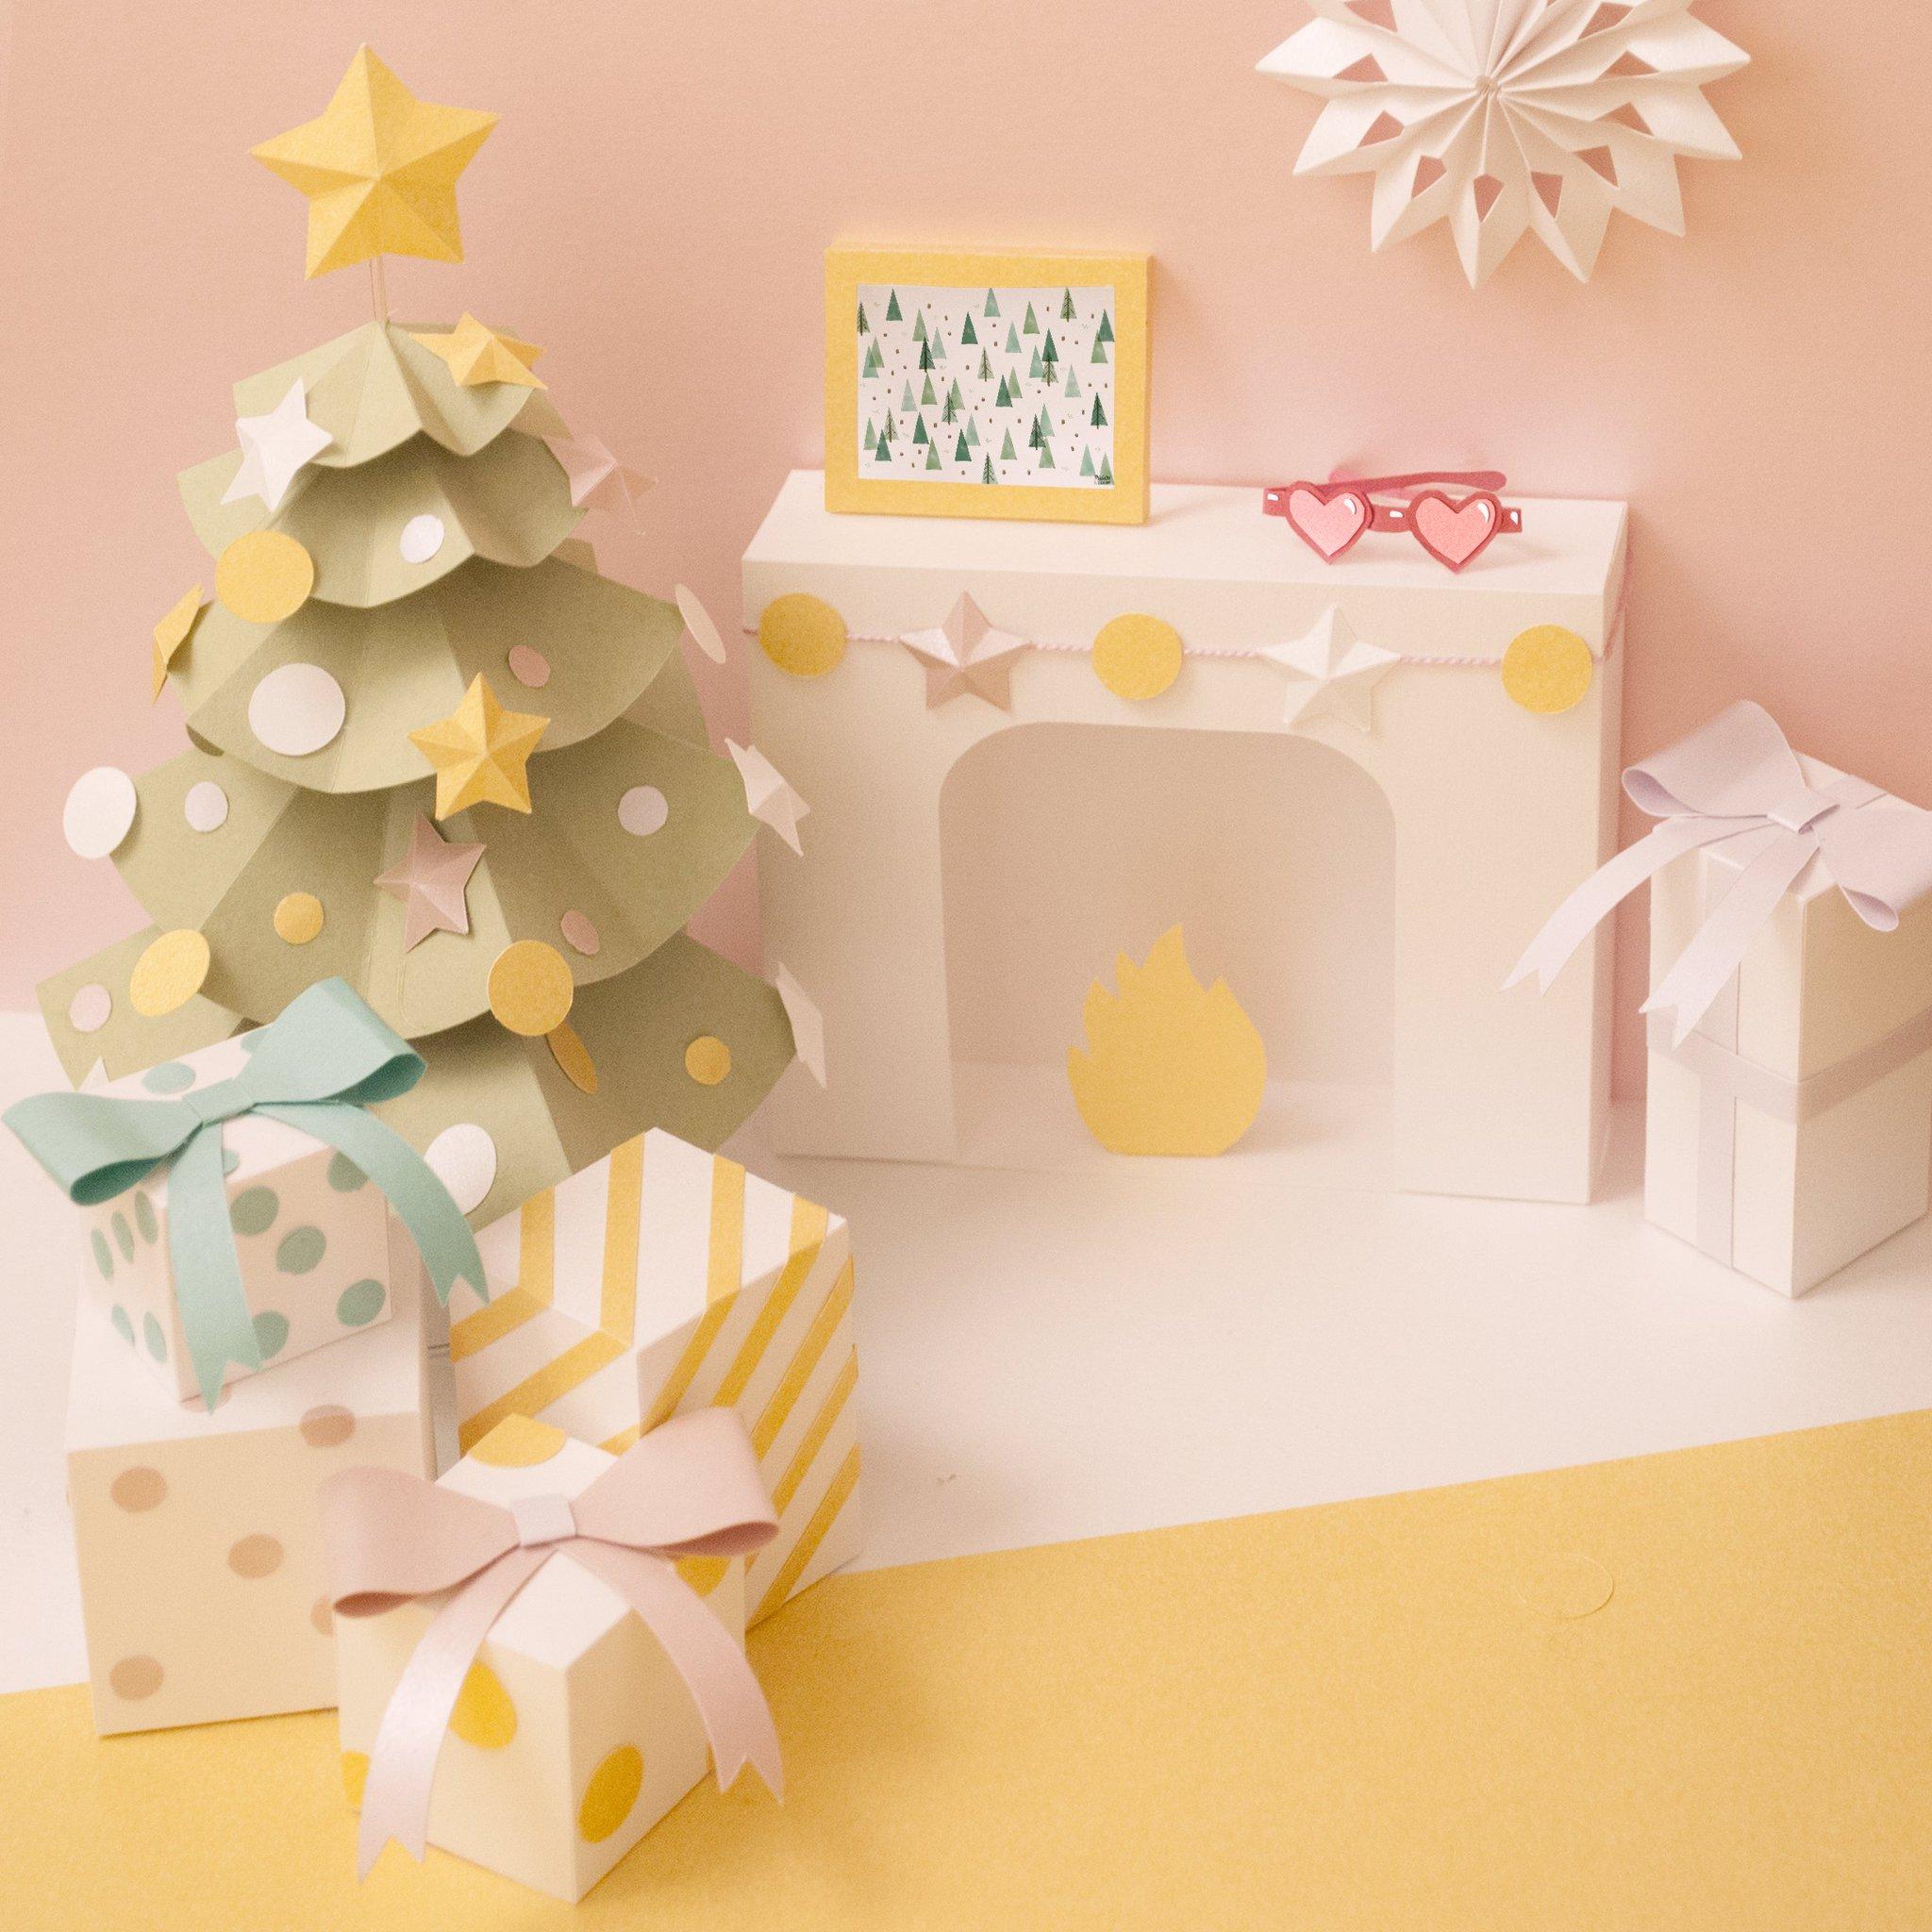 ❤️ Toute la team Paulette vous souhaite un joyeux Noël ! 🎅 https://t.co/nKk3kPNWle